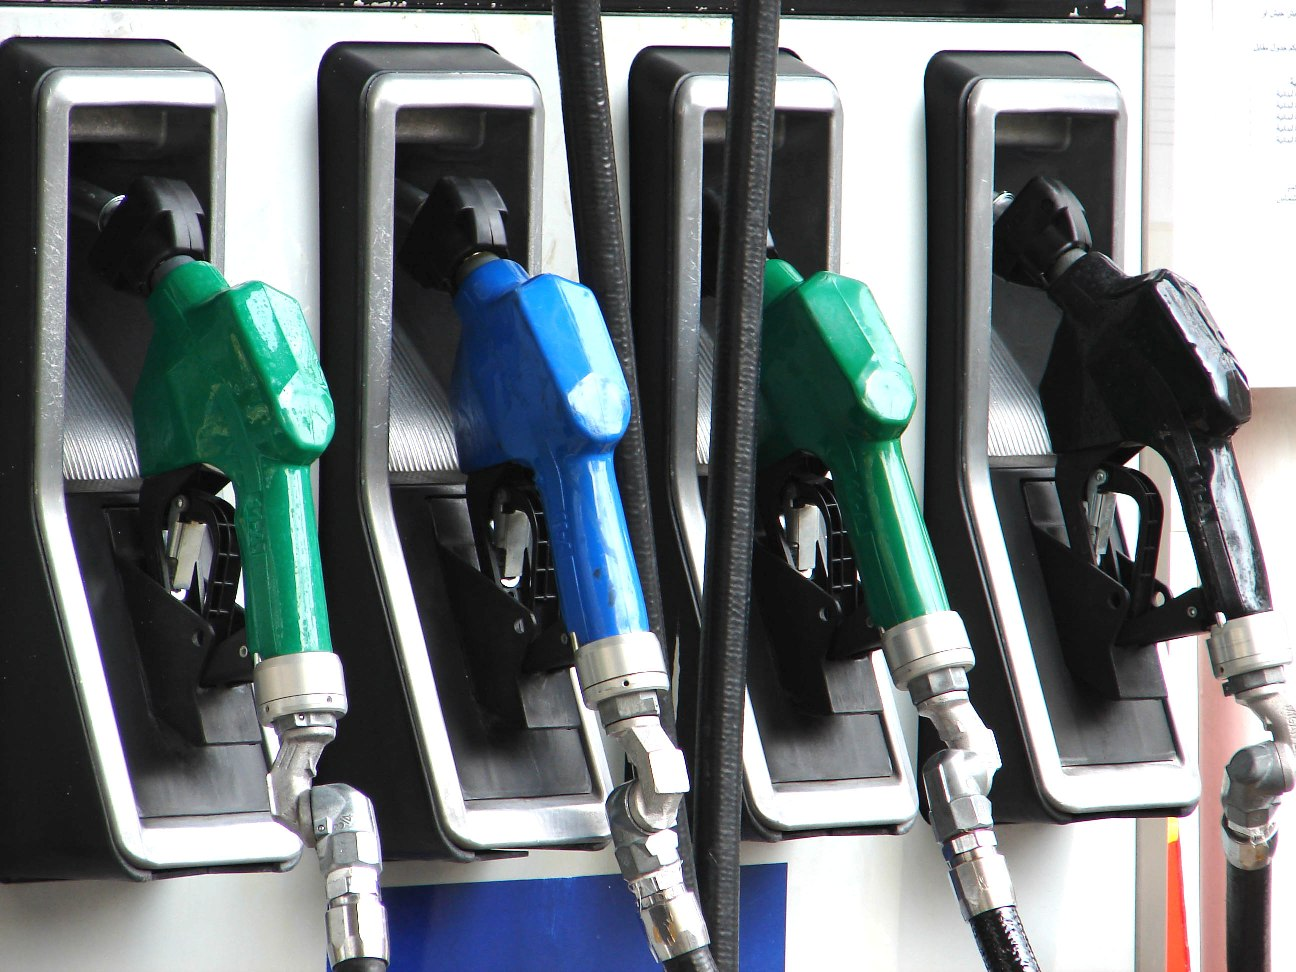 الأردن يرفع أسعار الوقود والكهرباء اعتبارا من الغد الجمعة